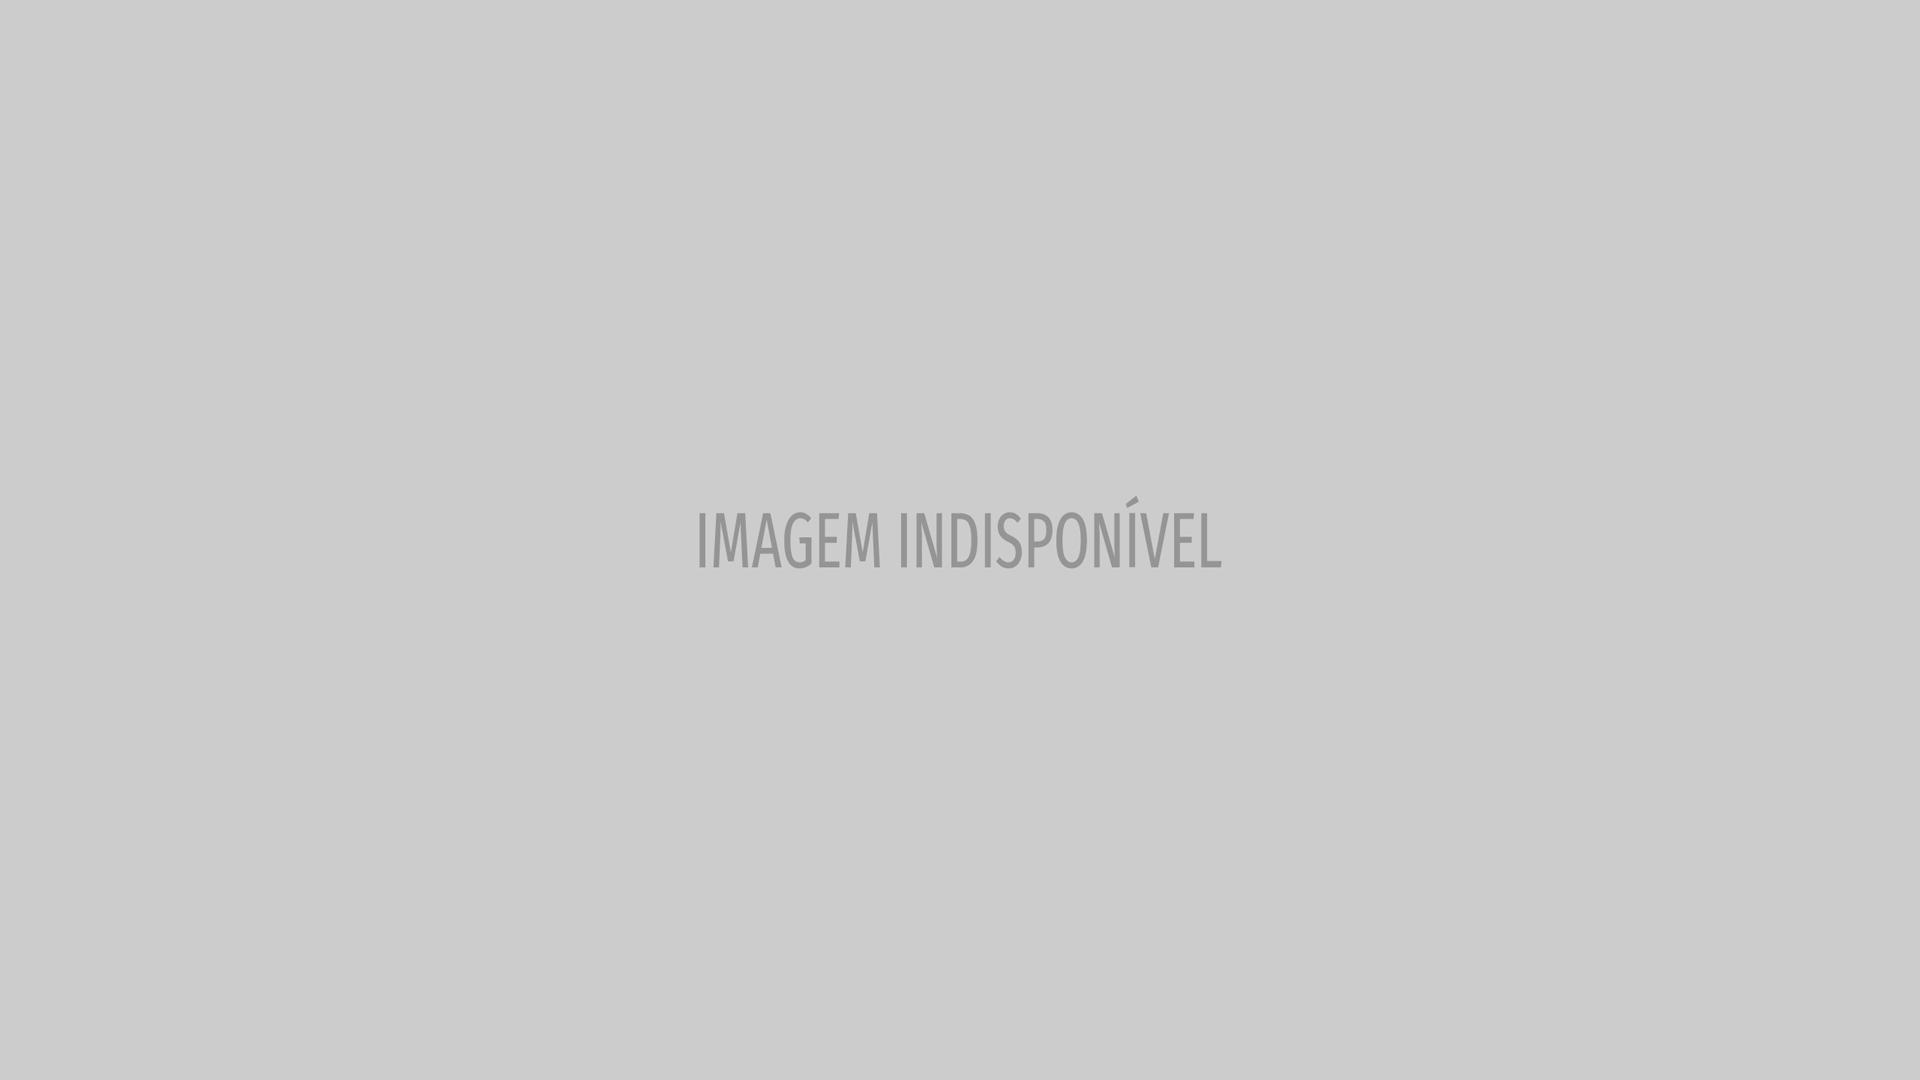 Vídeo: David Carreira duramente criticado por sair do carro em andamento